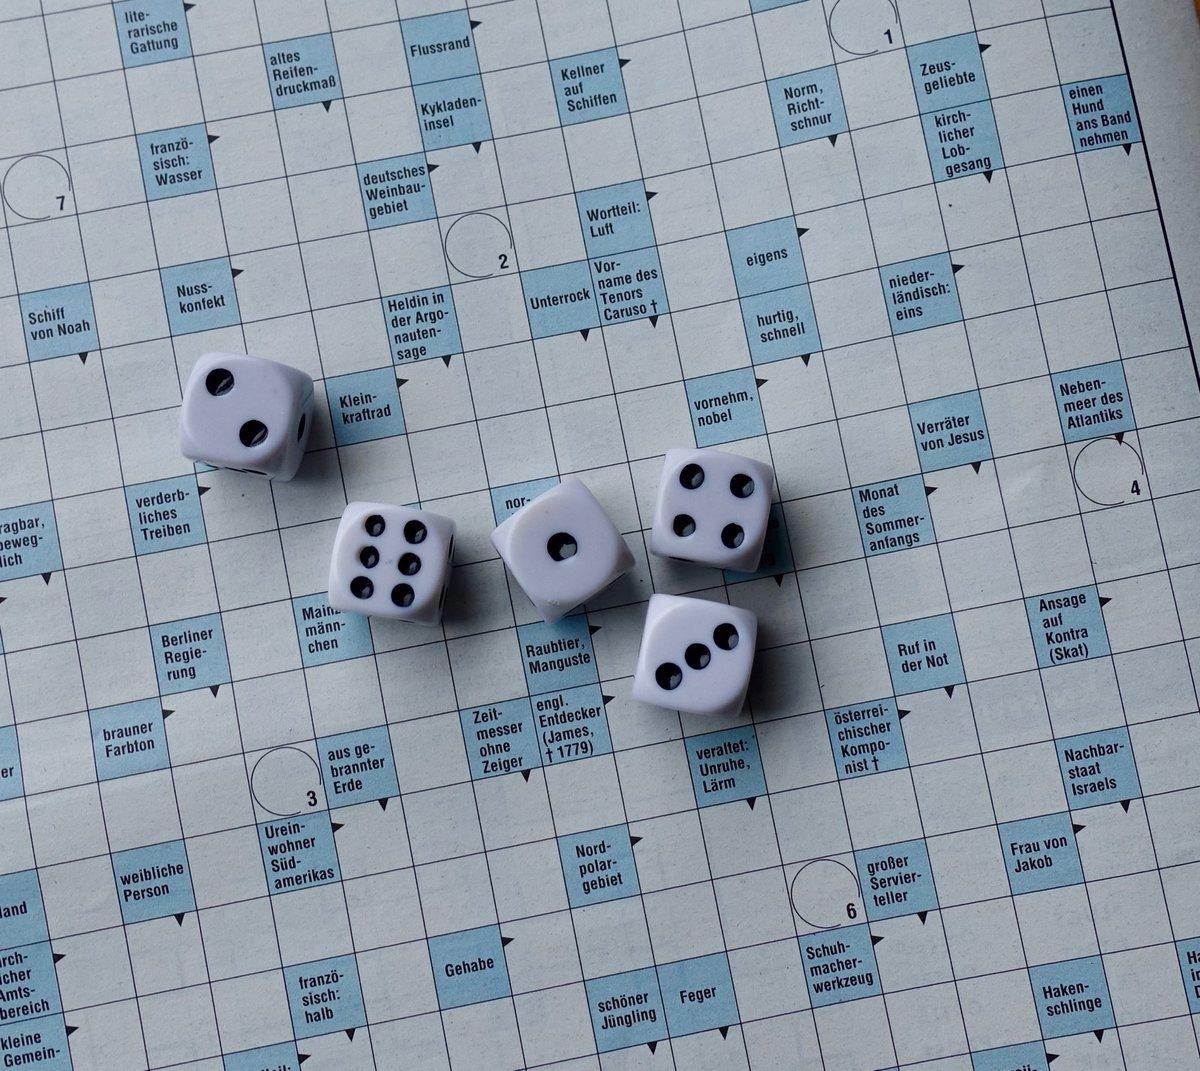 Rätseln Oder Würfeln Welches Spiel Spielt Weseler Politik Und